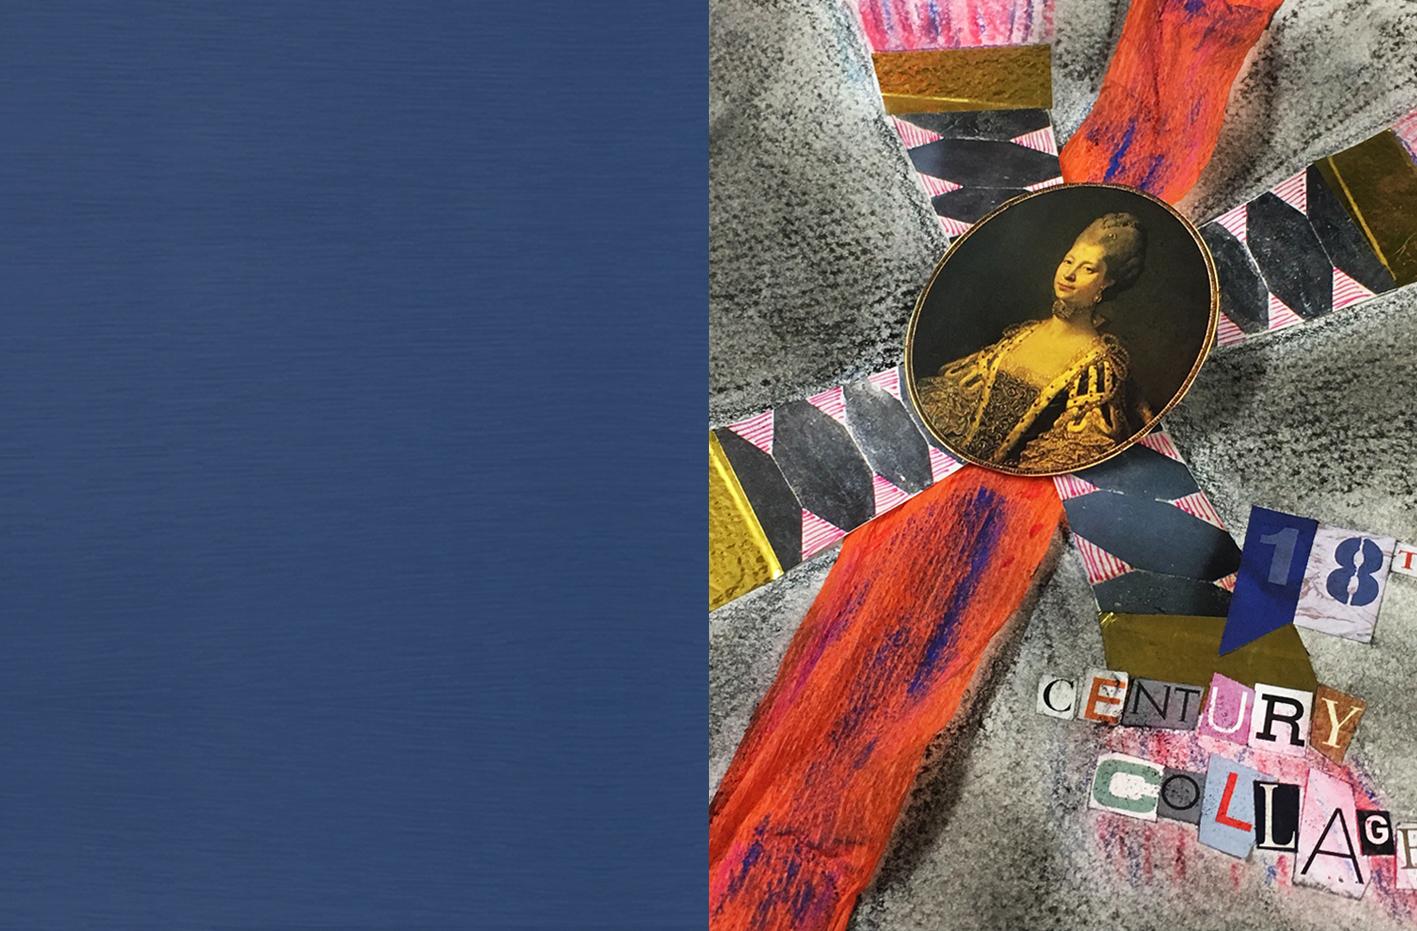 BAZAR DE ARTE - Una colección ecléctica de piezas de arte y láminas inusuales, vintage y antigüedades. Piezas originales y peculiares para añadir a tu colección de arte